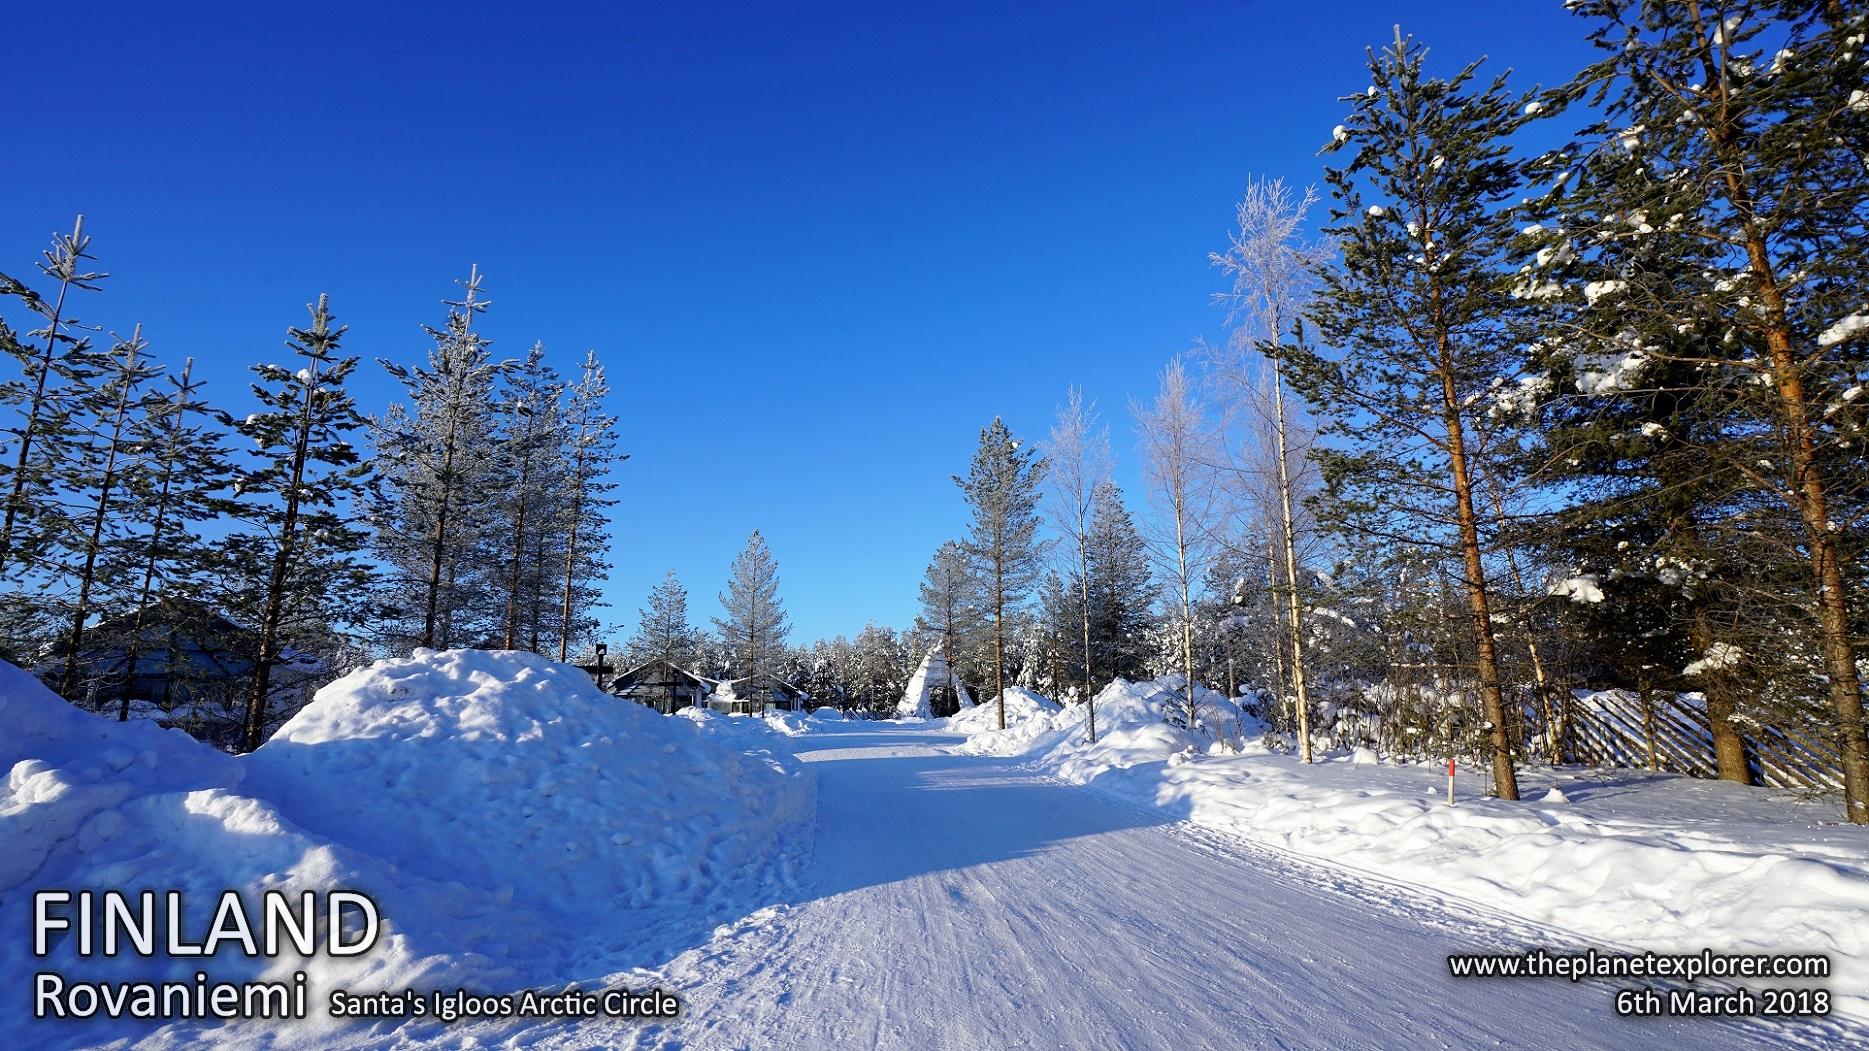 20180306_0838_Finland_Rovaniemi_Santa's Igloos Artic Circle_DSC09656_Sony a7R2_LR_@www